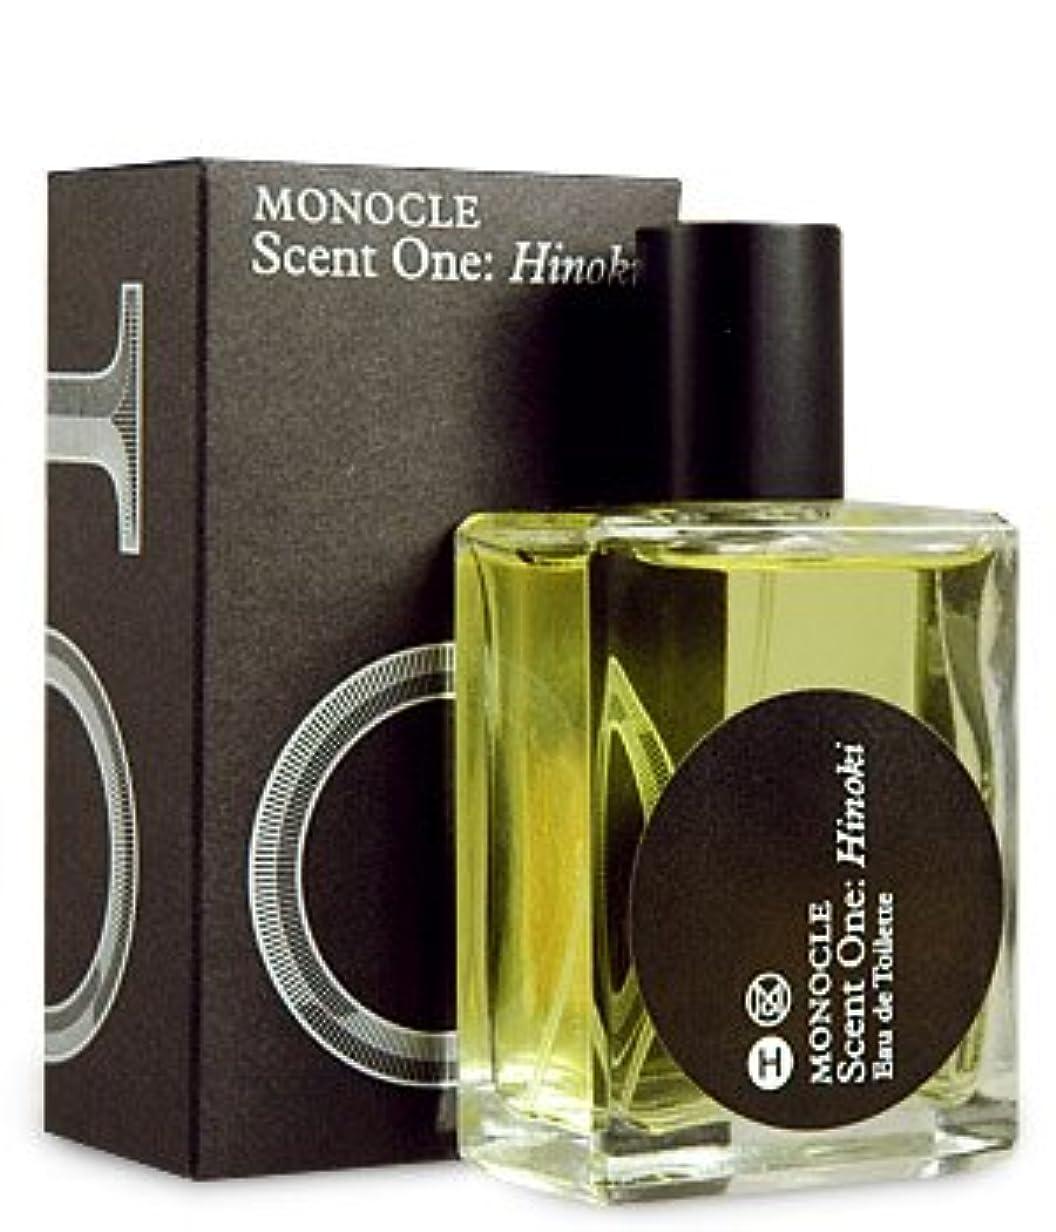 回復涙が出る突き出すComme des Garcons Monocle Scent One Hinoki (コムデギャルソン モノクル セント1 ヒノキ) 1.7 oz (50ml) EDT Spray for Unisex